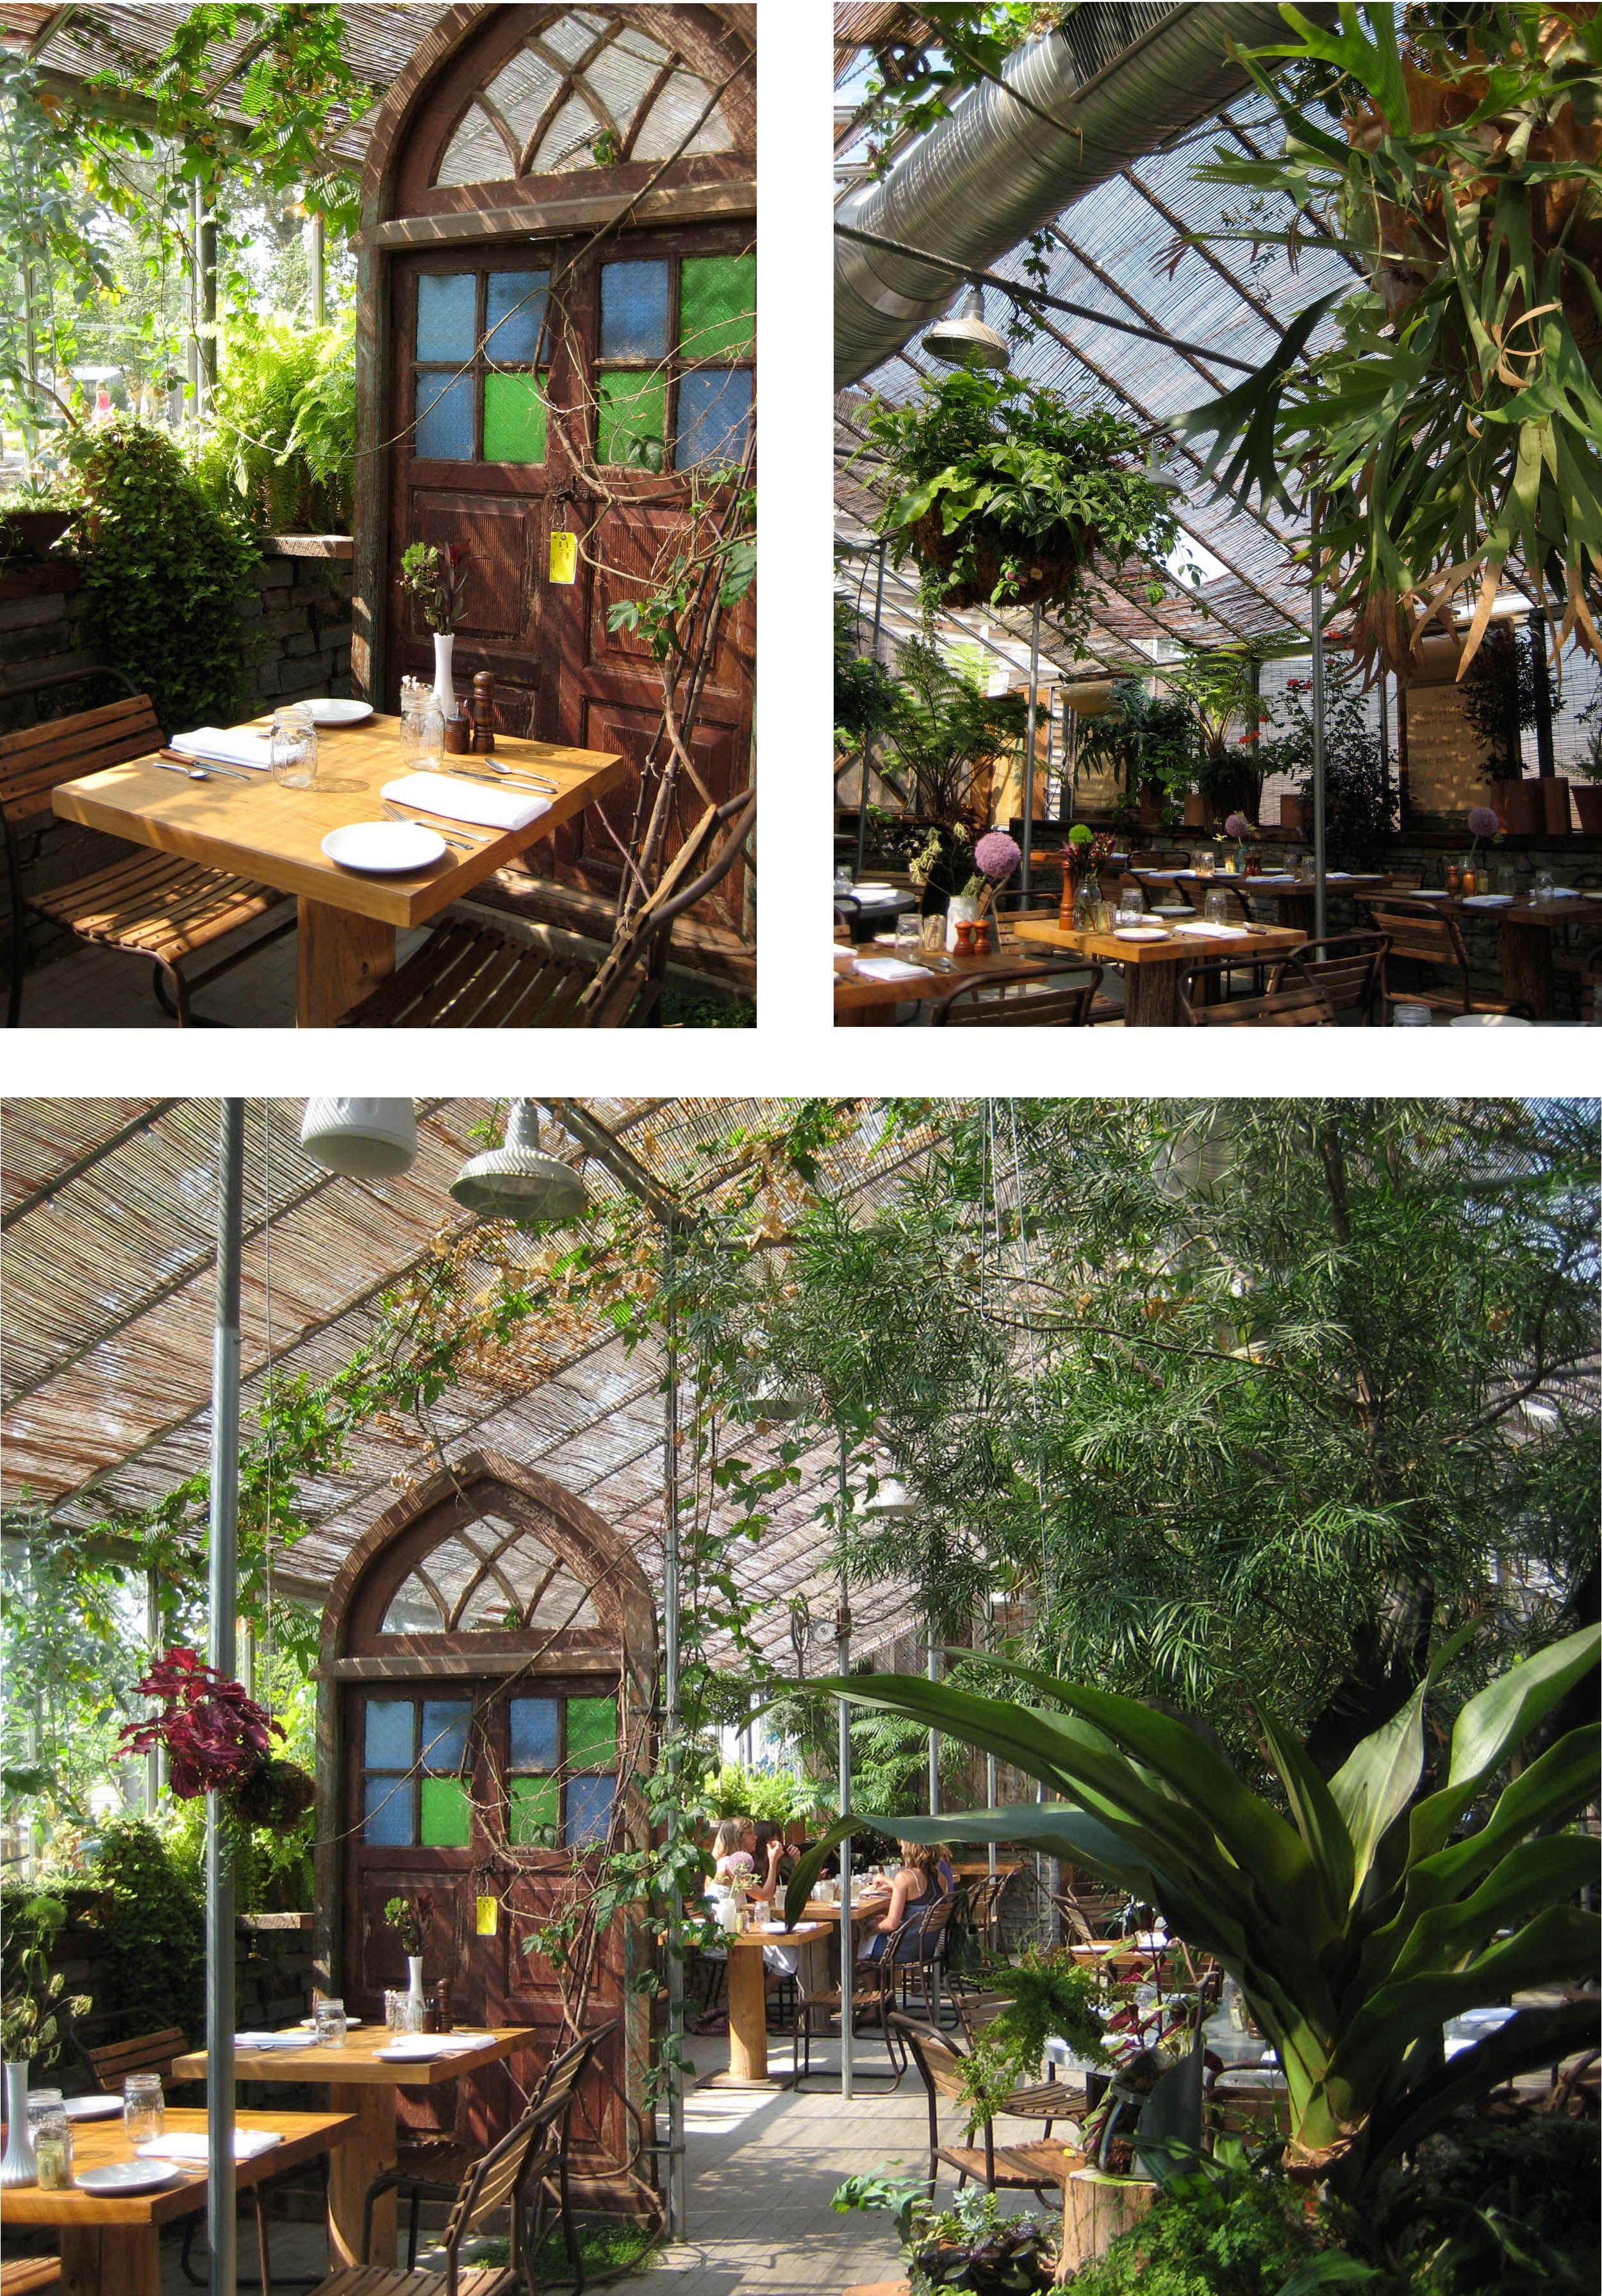 terrain garden cafe   Greenhouse cafe, Garden cafe, Garden ...